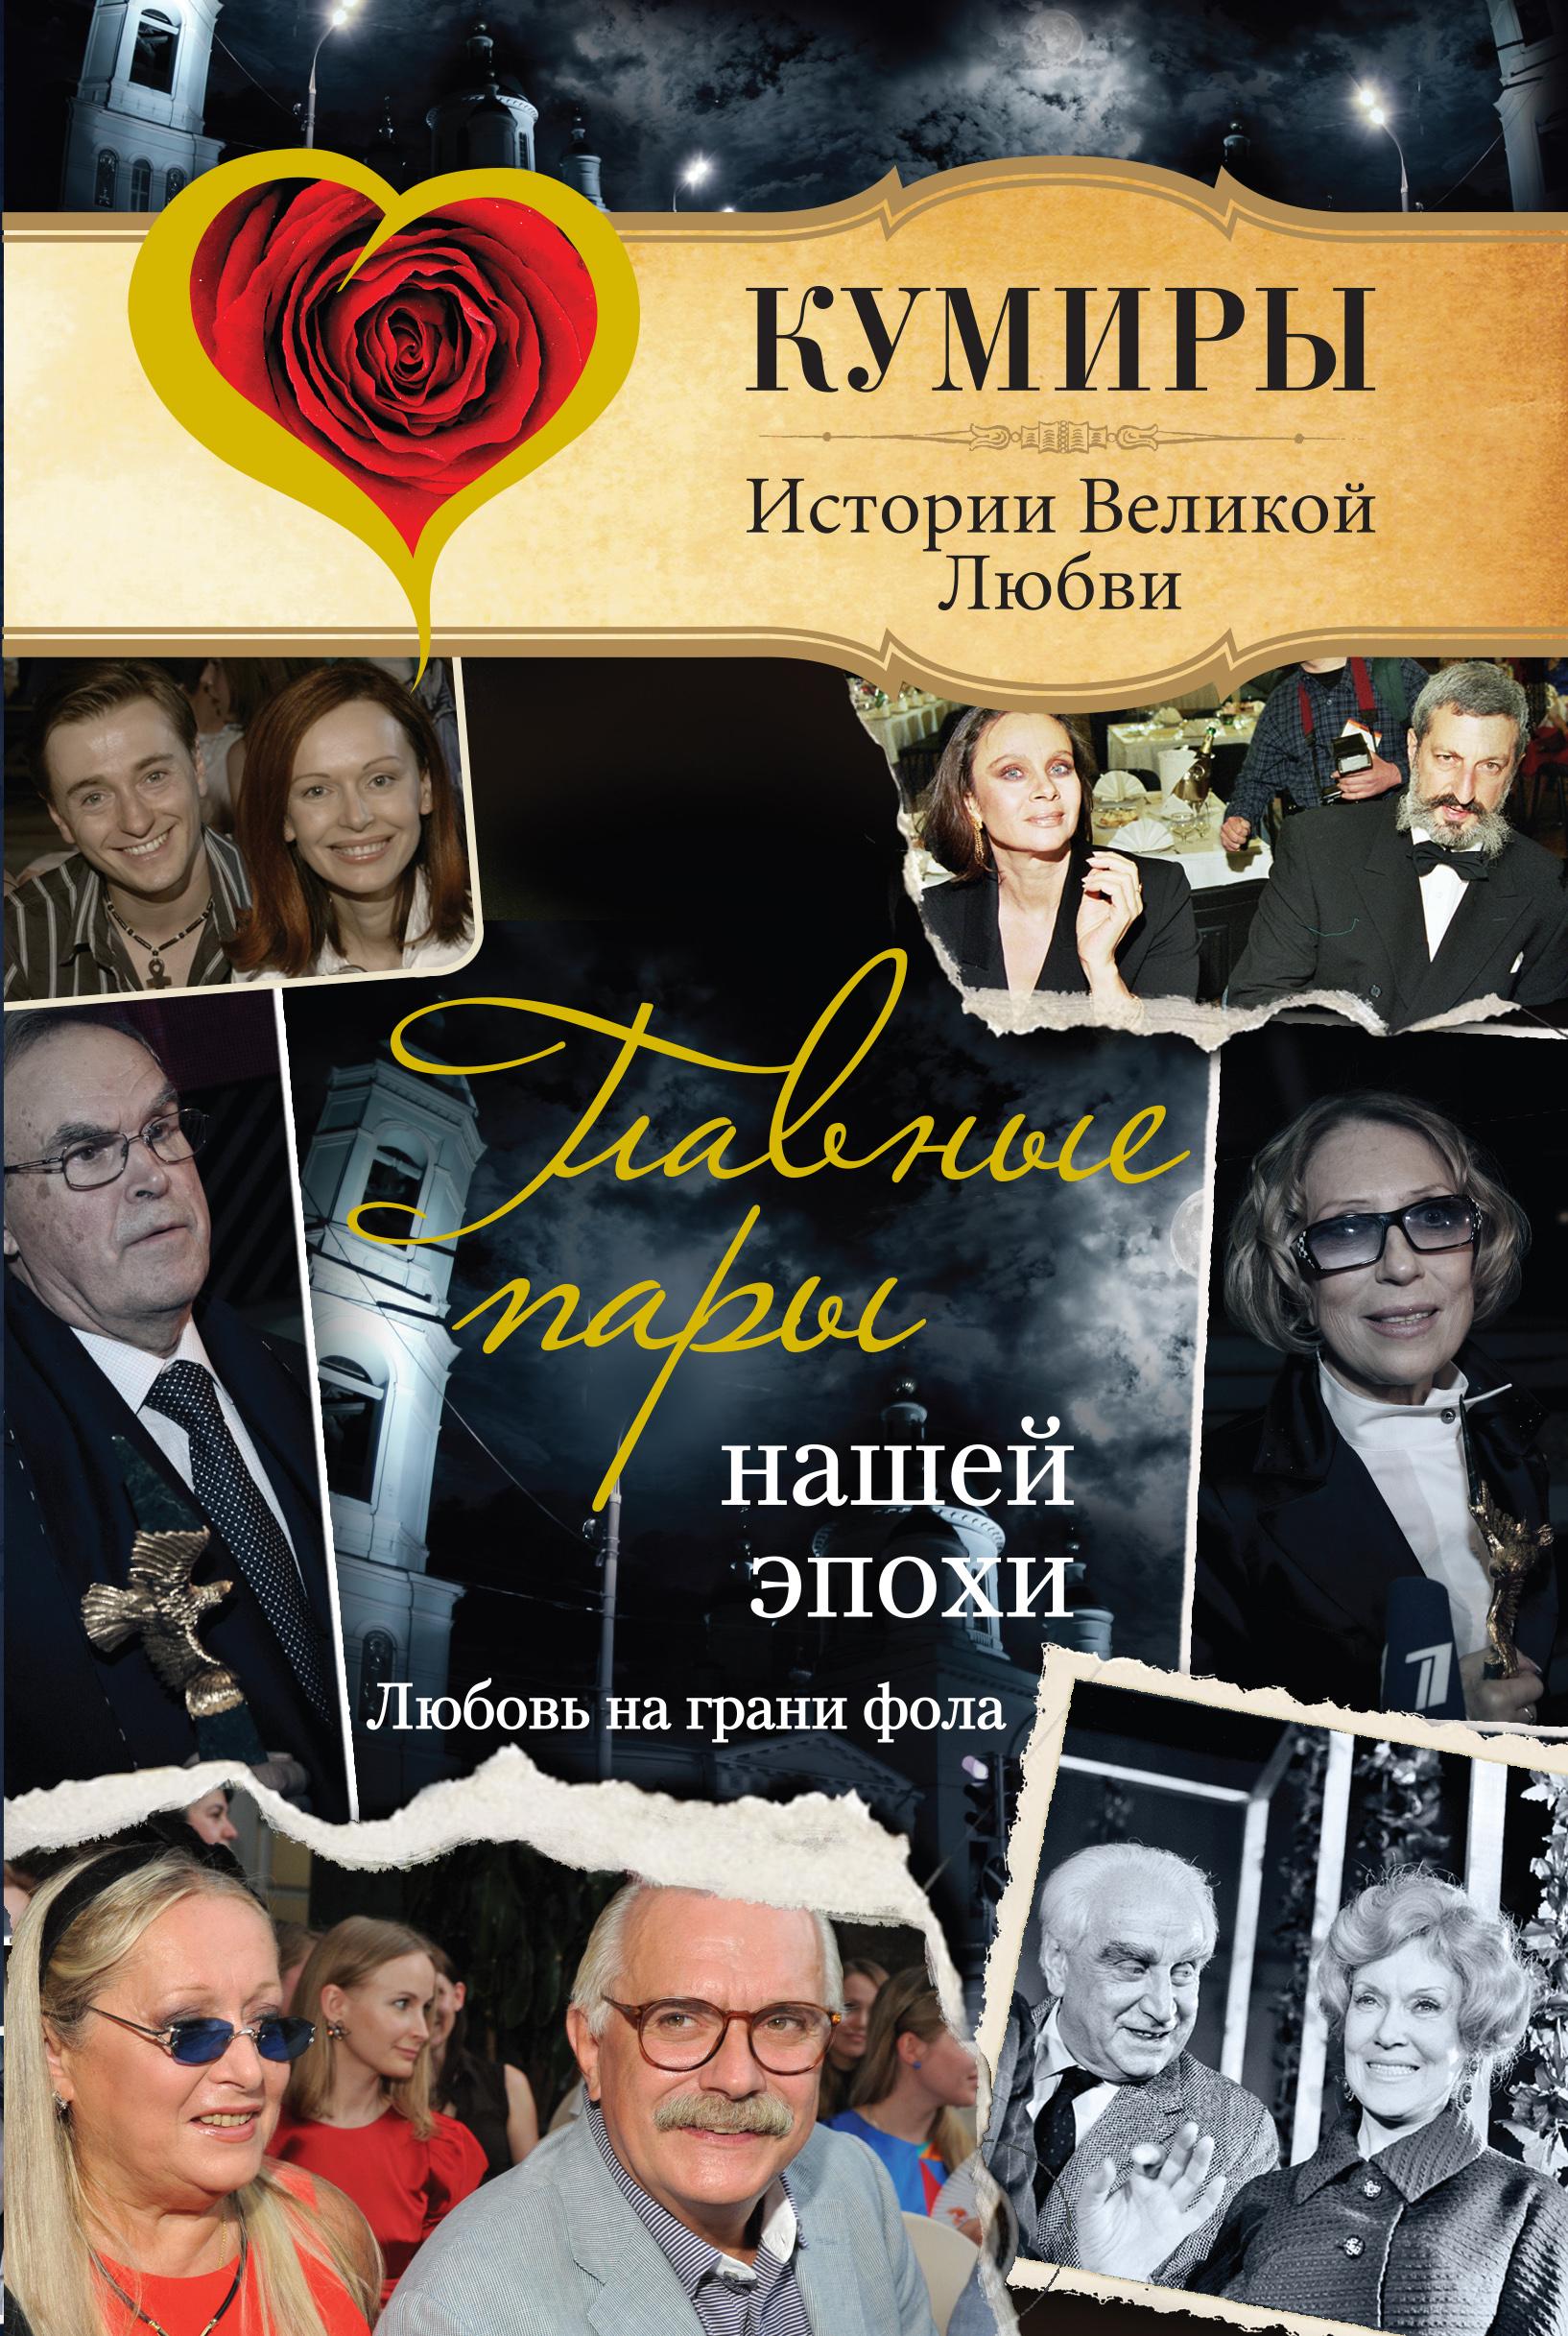 Андрей Шляхов «Главные пары нашей эпохи. Любовь на грани фола»